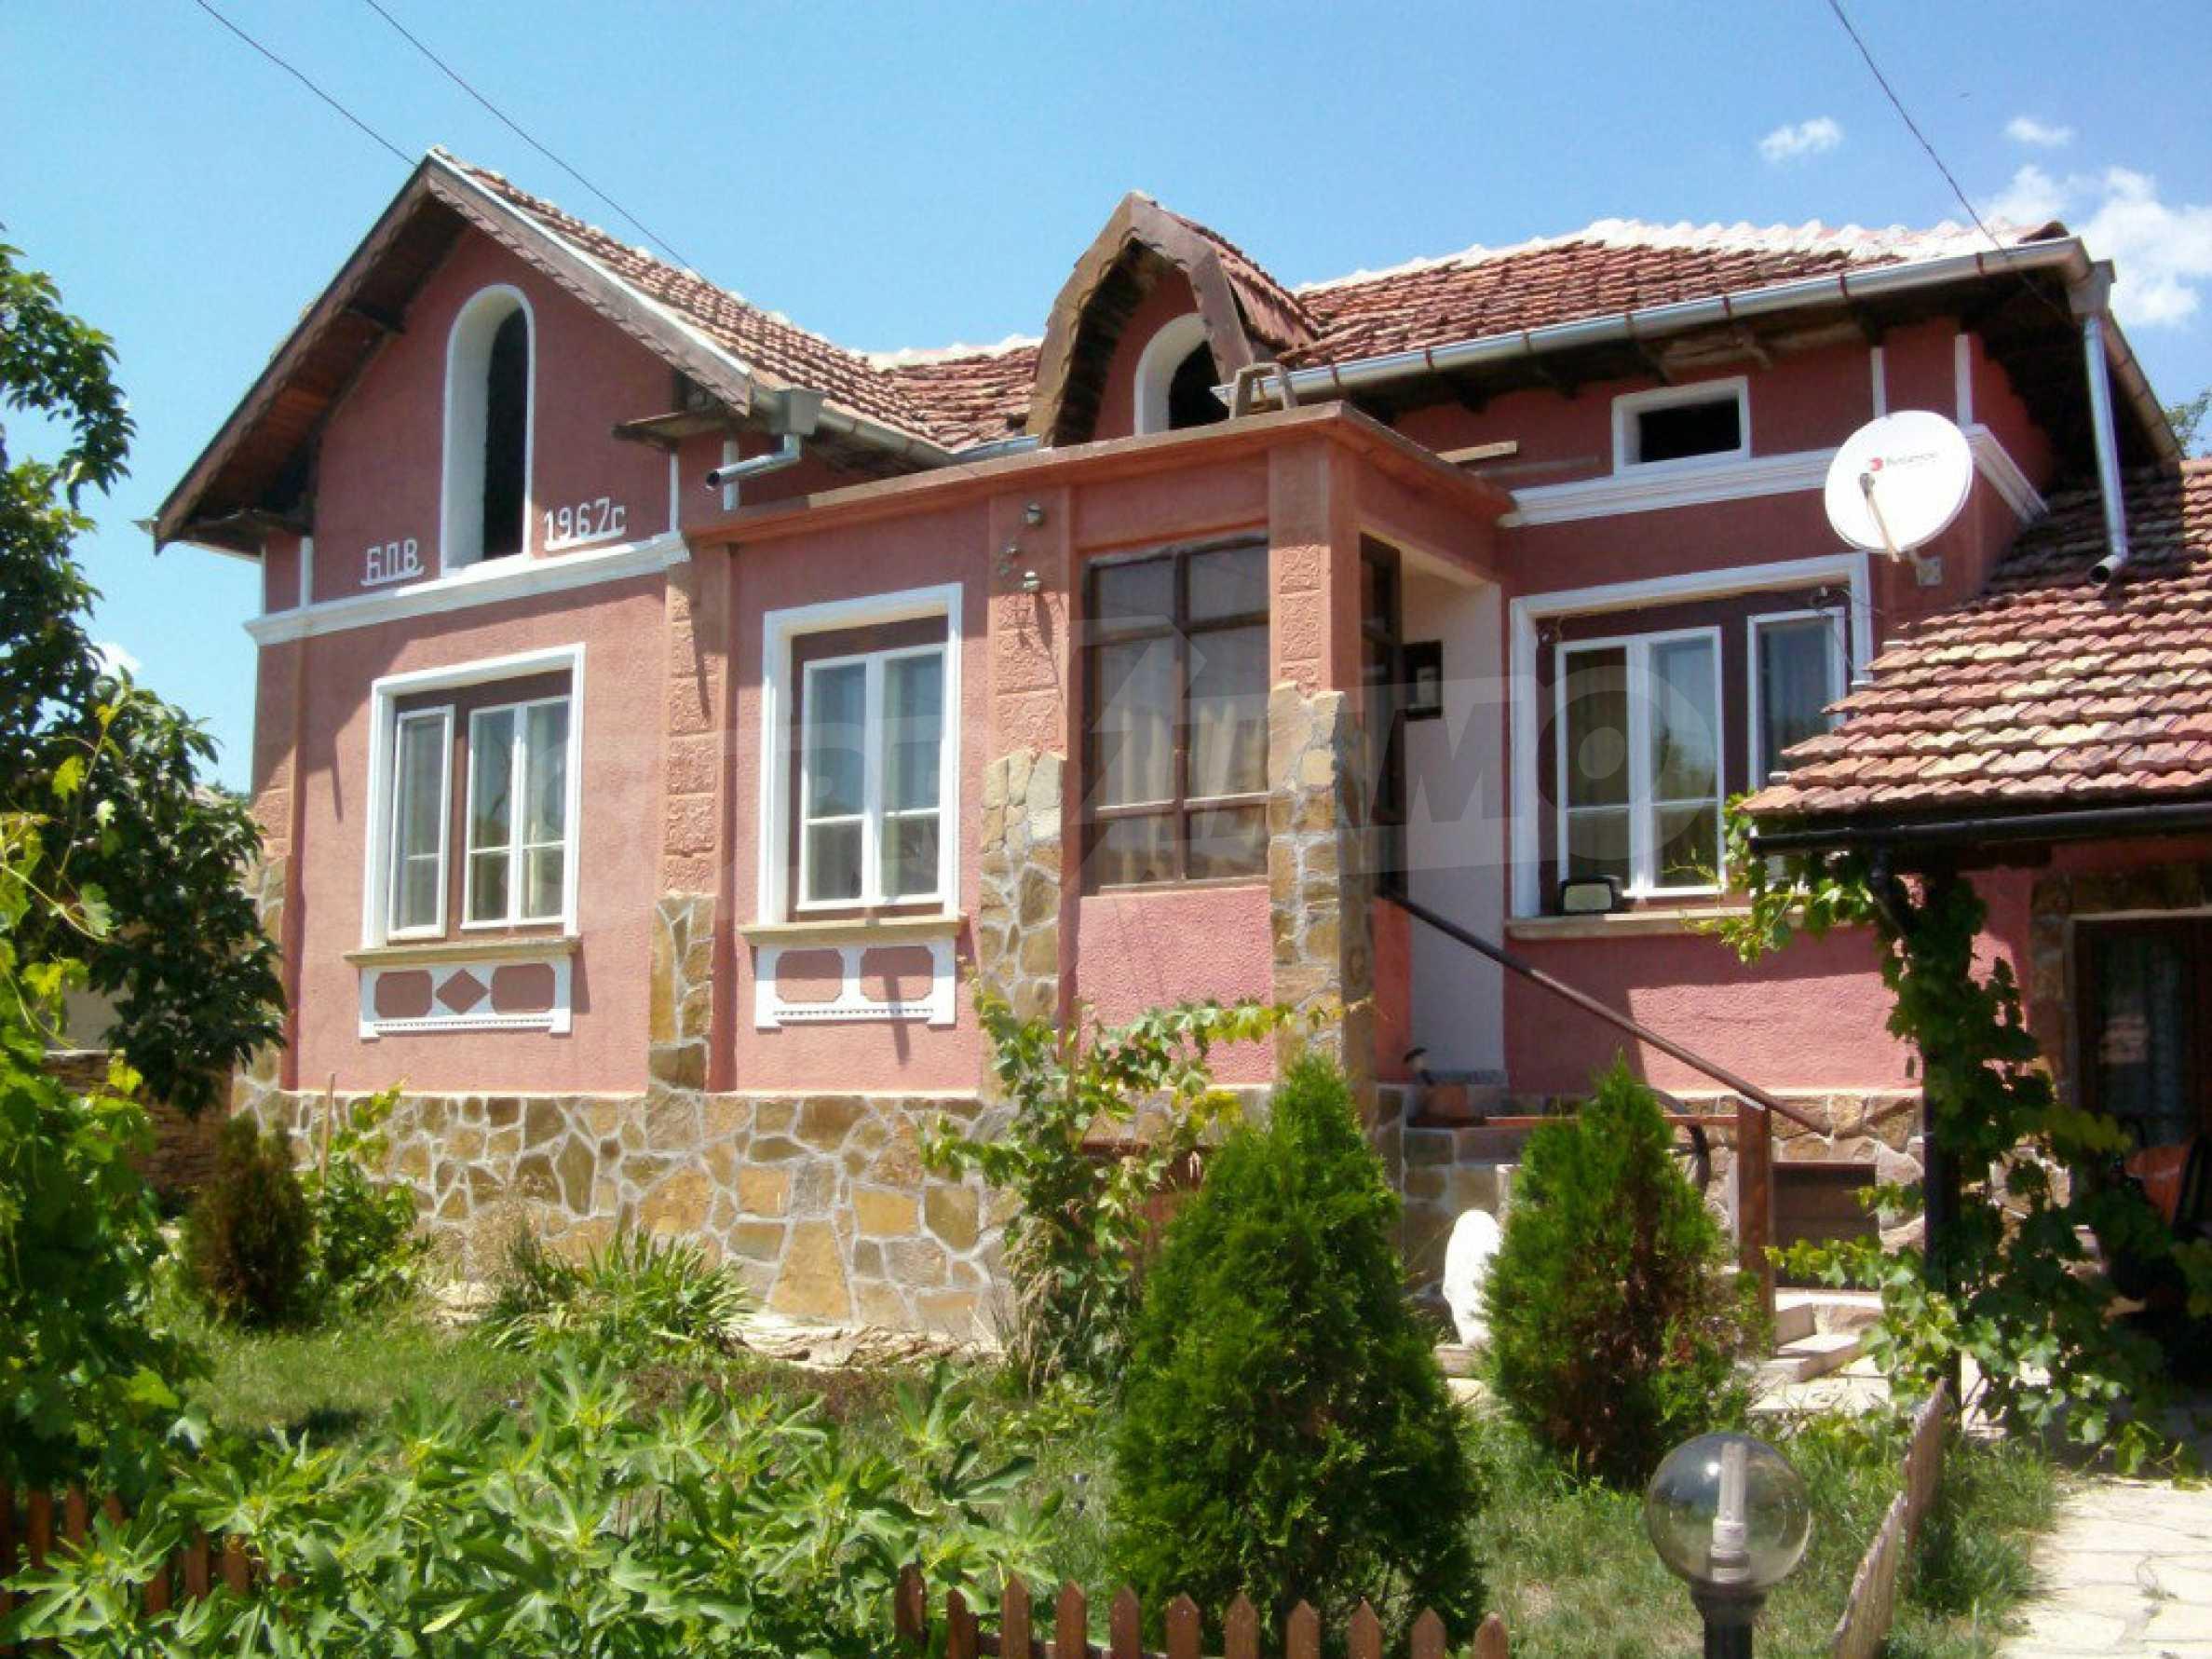 Vollständig möbliertes Anwesen im erhaltenen traditionellen bulgarischen Stil 3